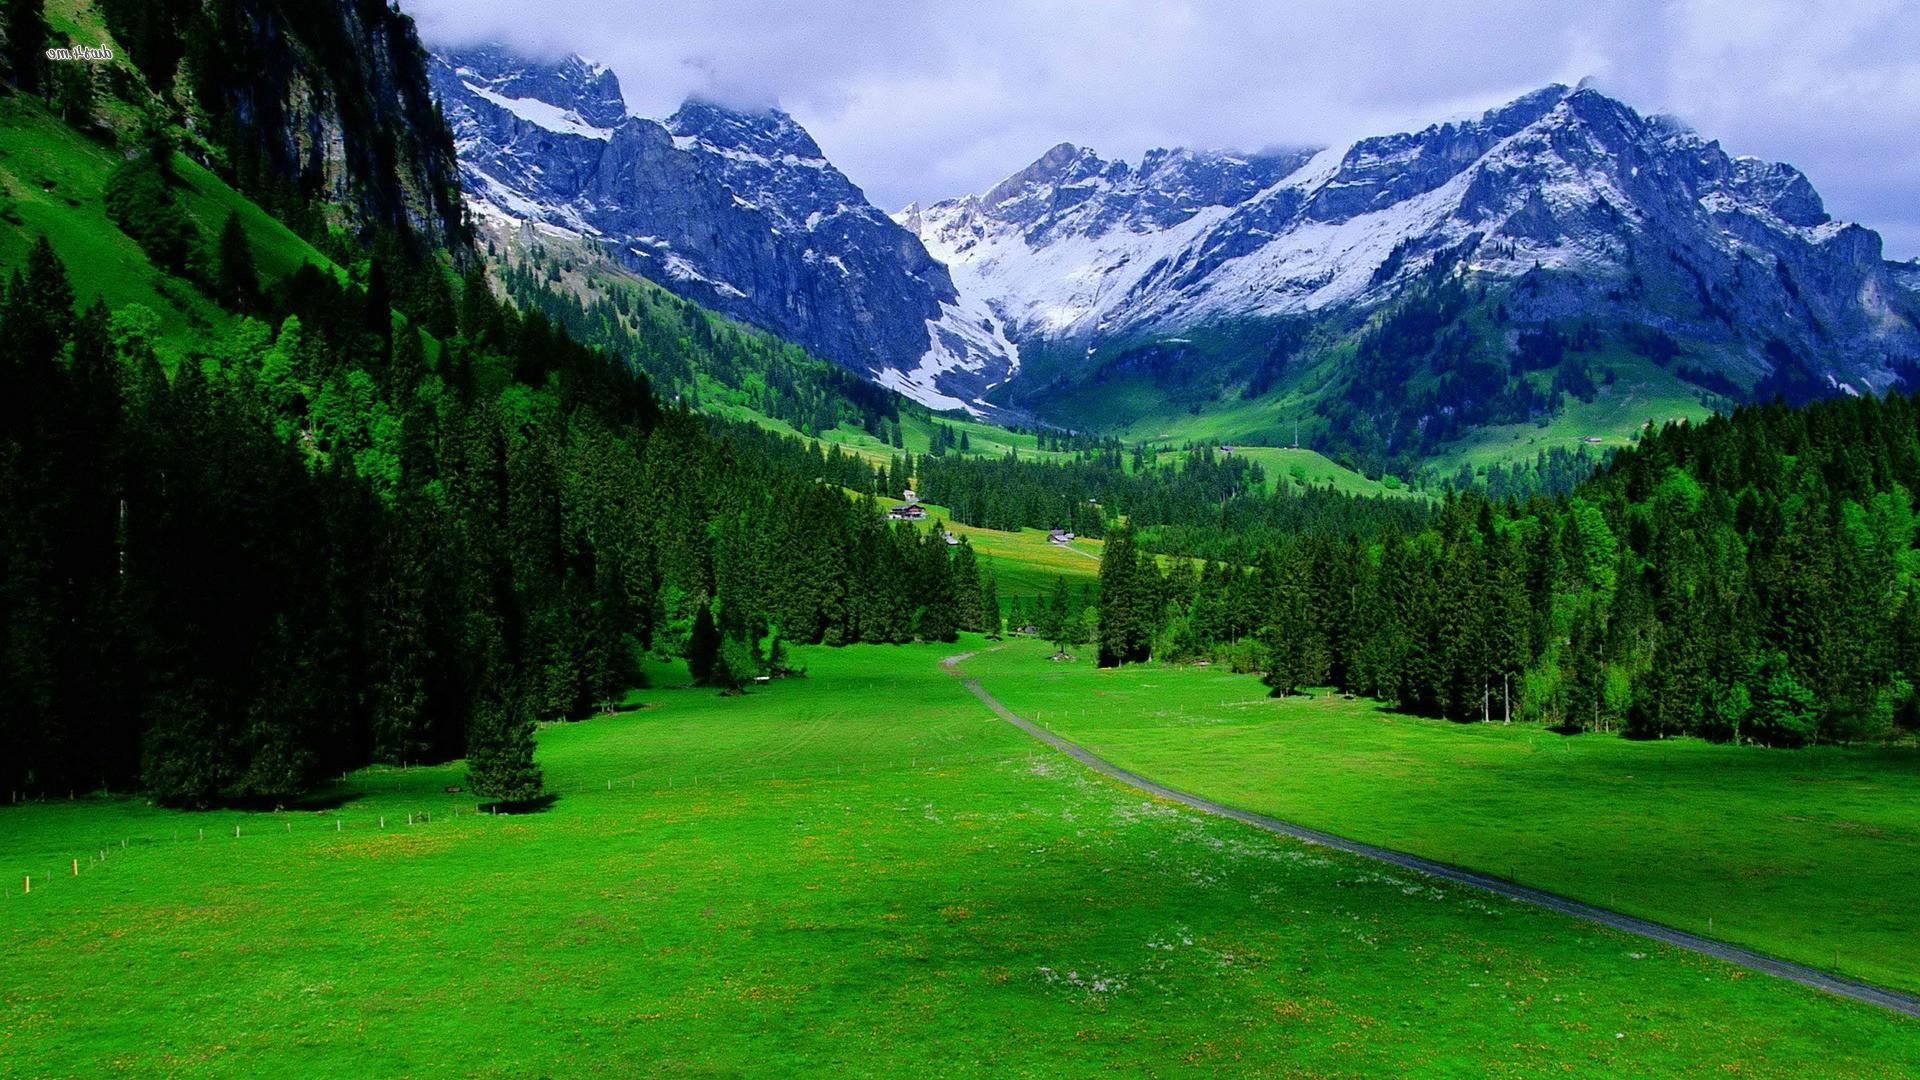 Mountain Nature Scenes - HD Wallpaper